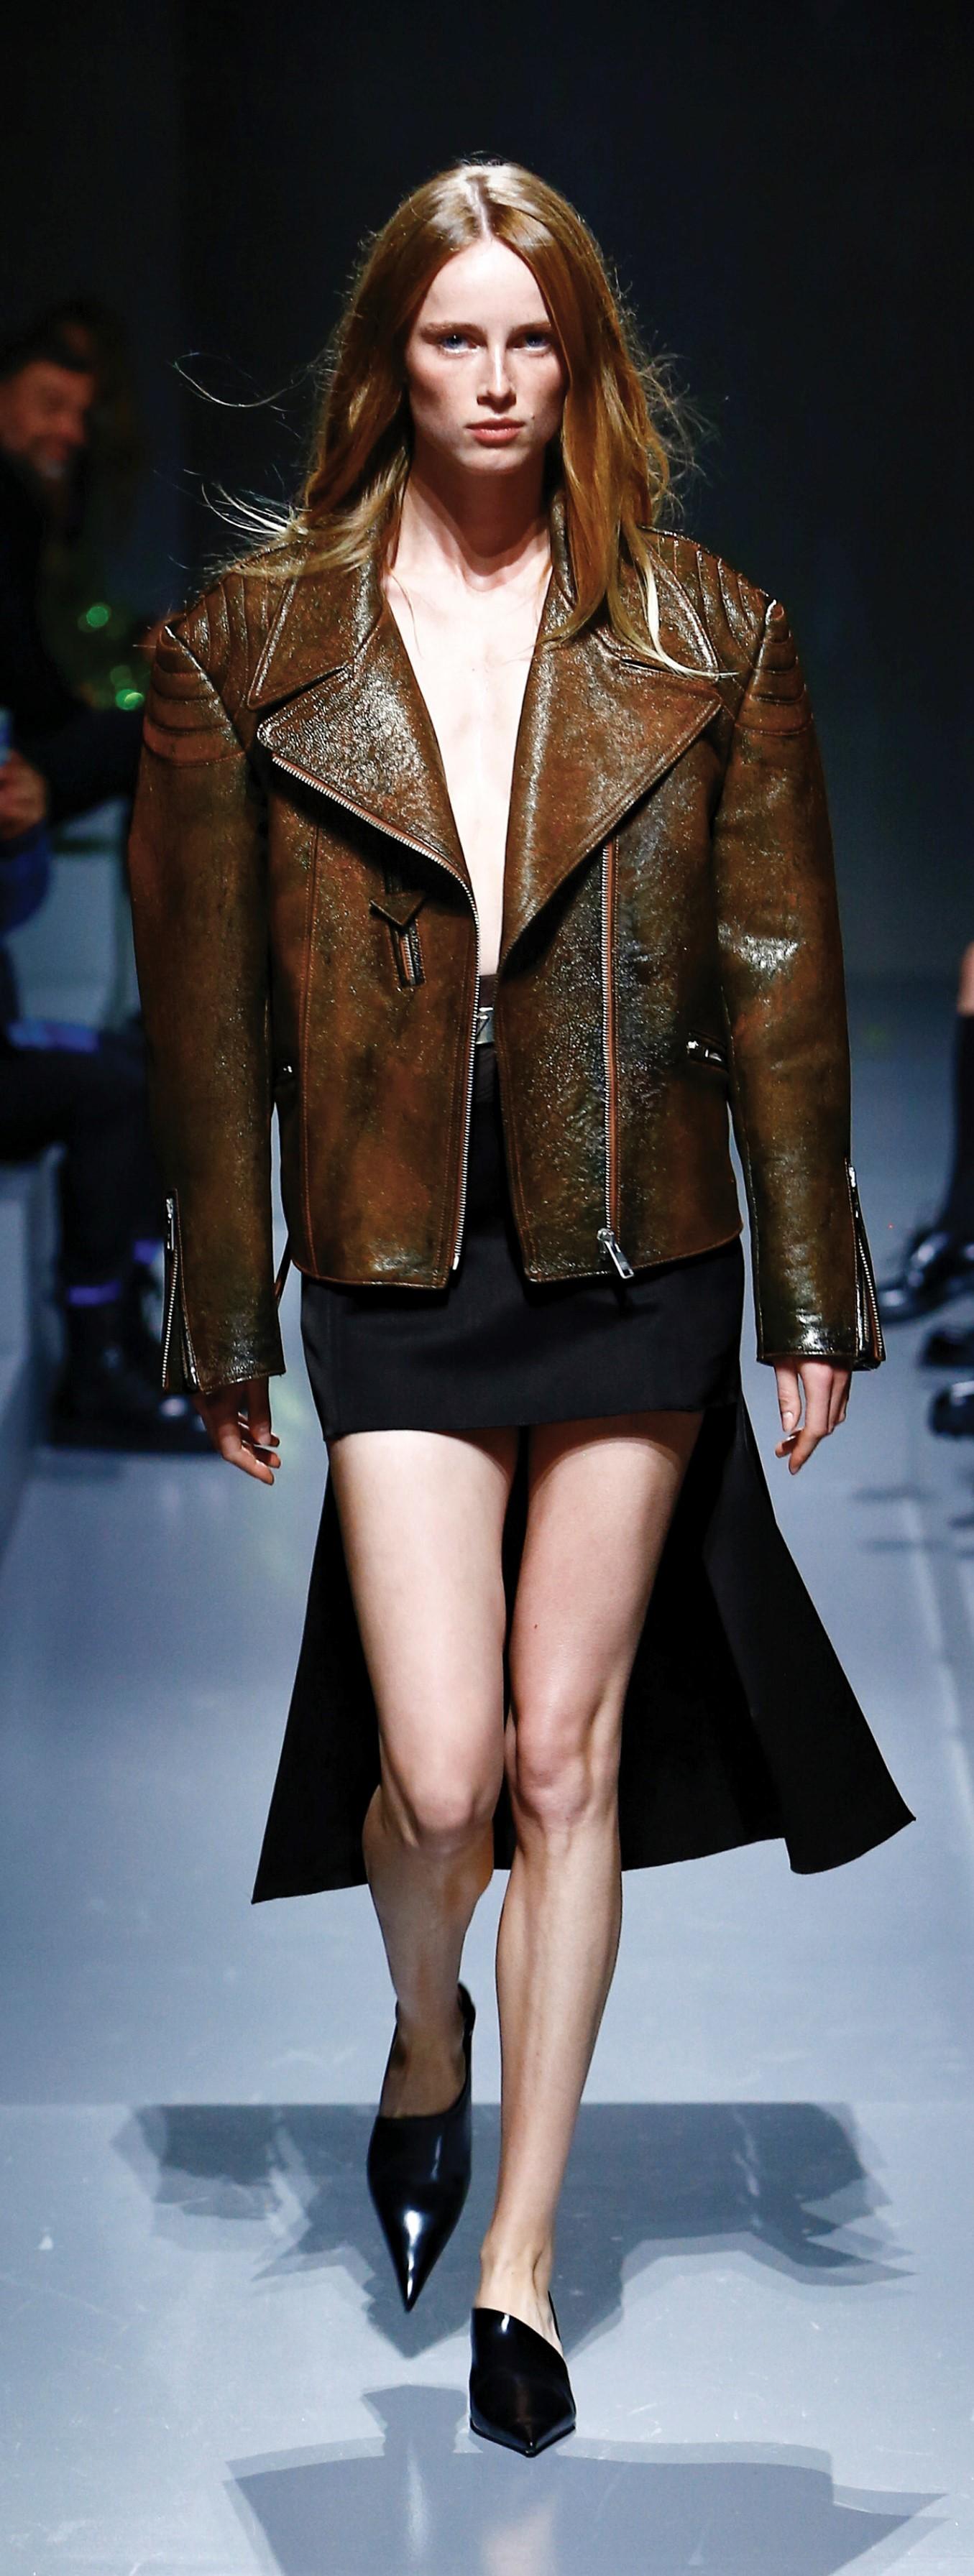 Chaqueta perfecto oversize y mini con cola, colección primavera-verano 2022, Prada.